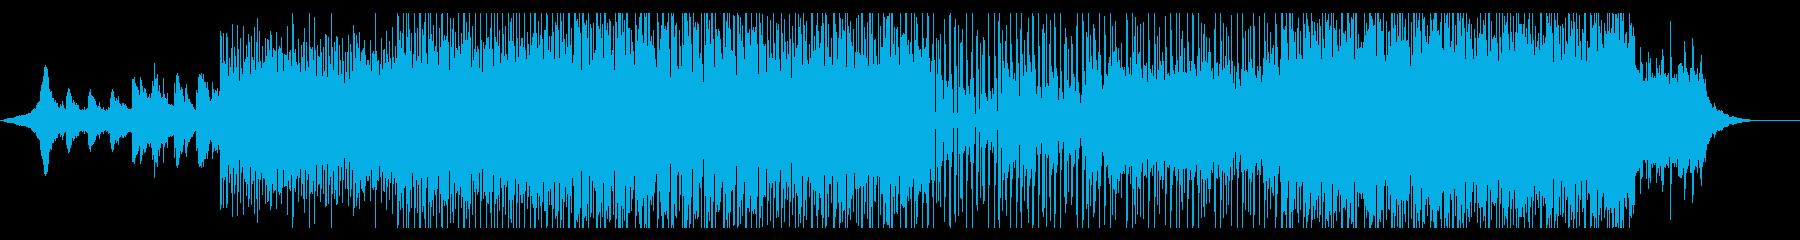 企業VP・可能性・エレクトロ・4つ打ちの再生済みの波形